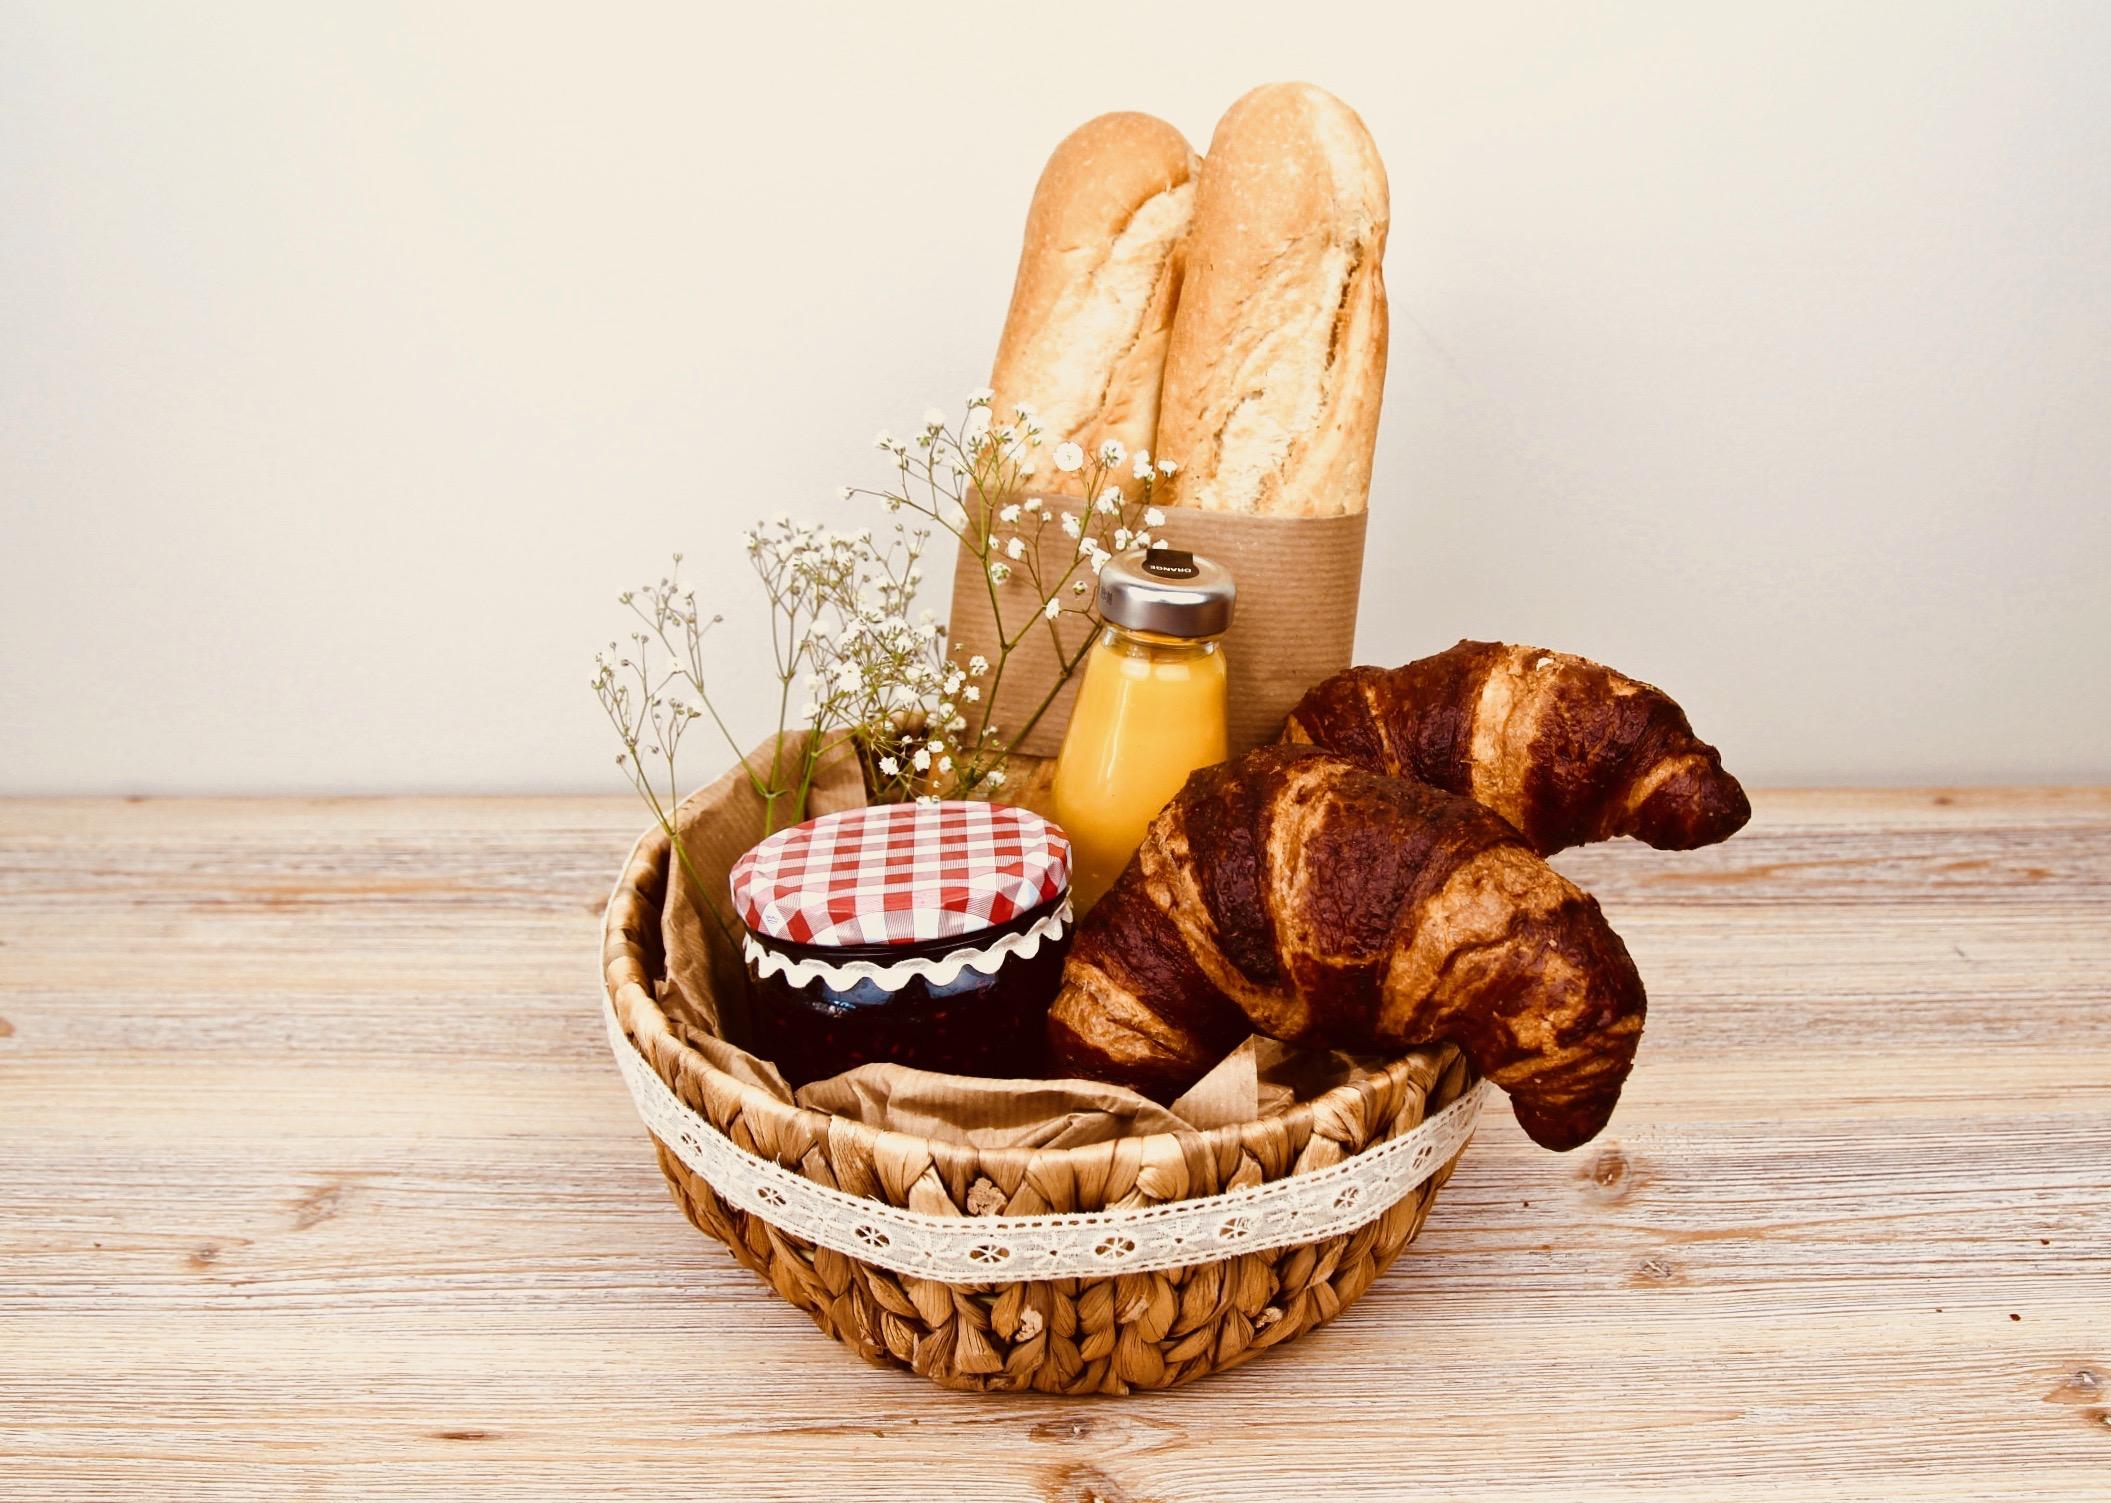 Presentkorg med croissanter, sylt och baguetter